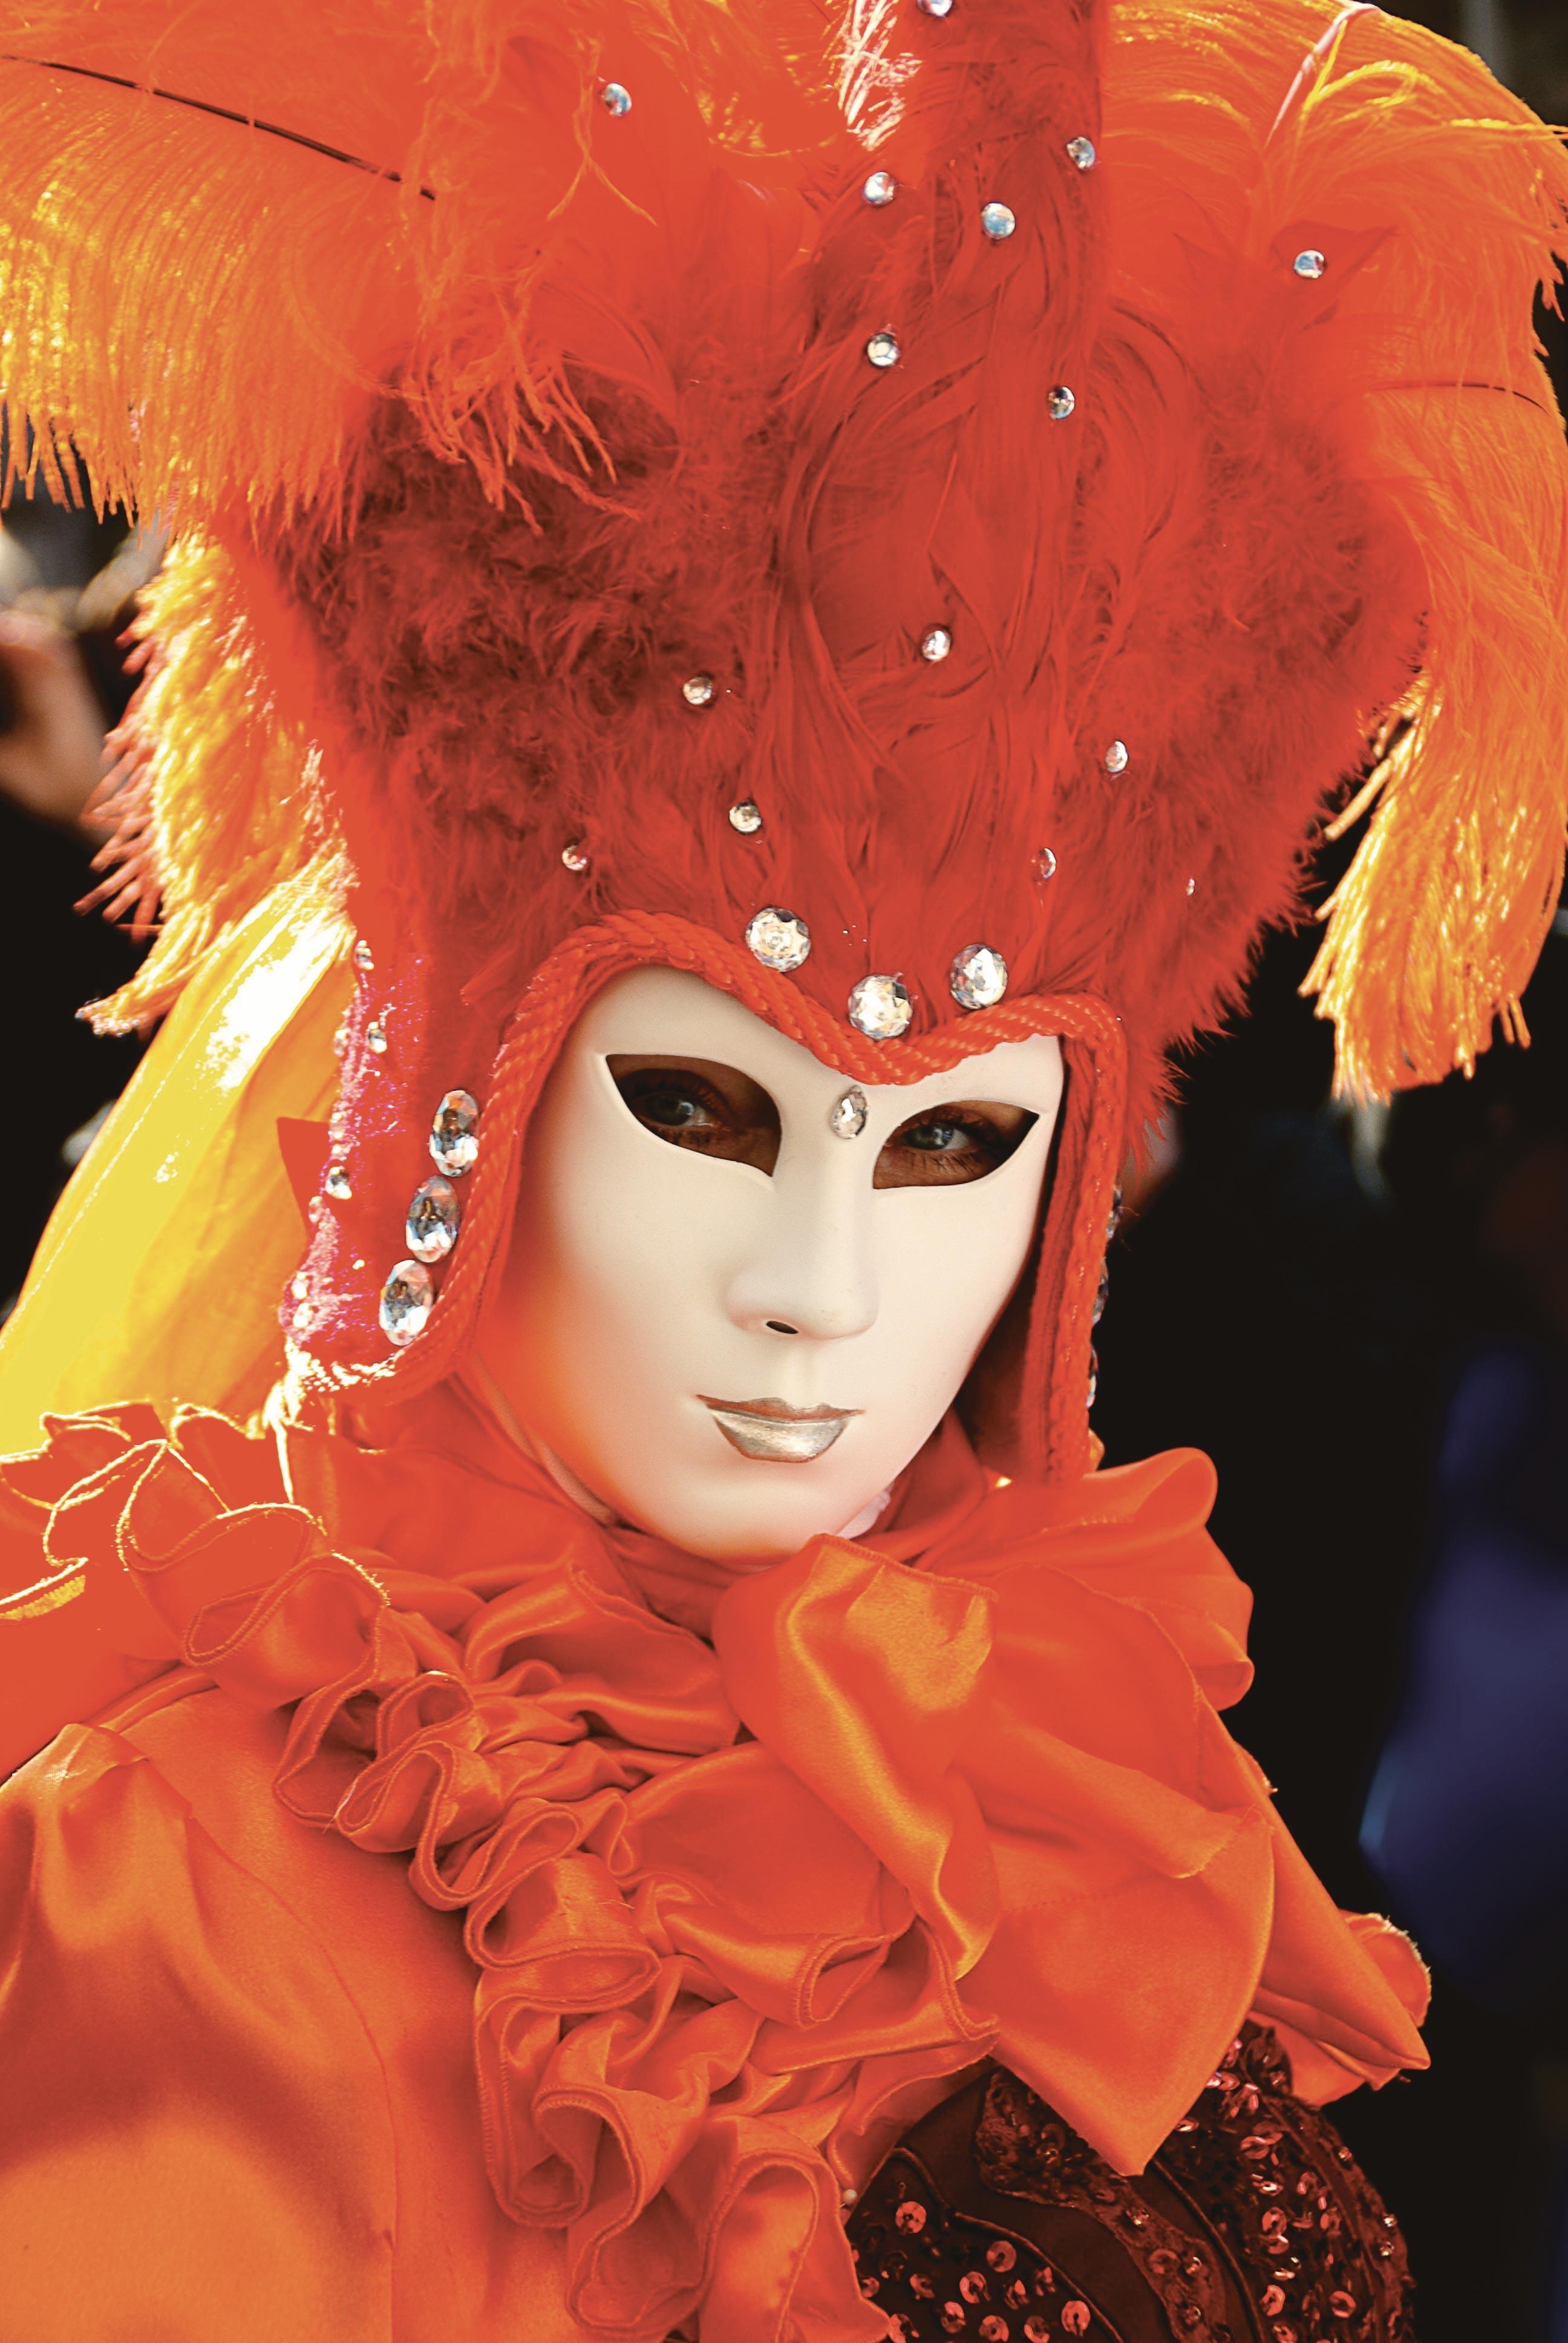 Ex. 13 Carnaval